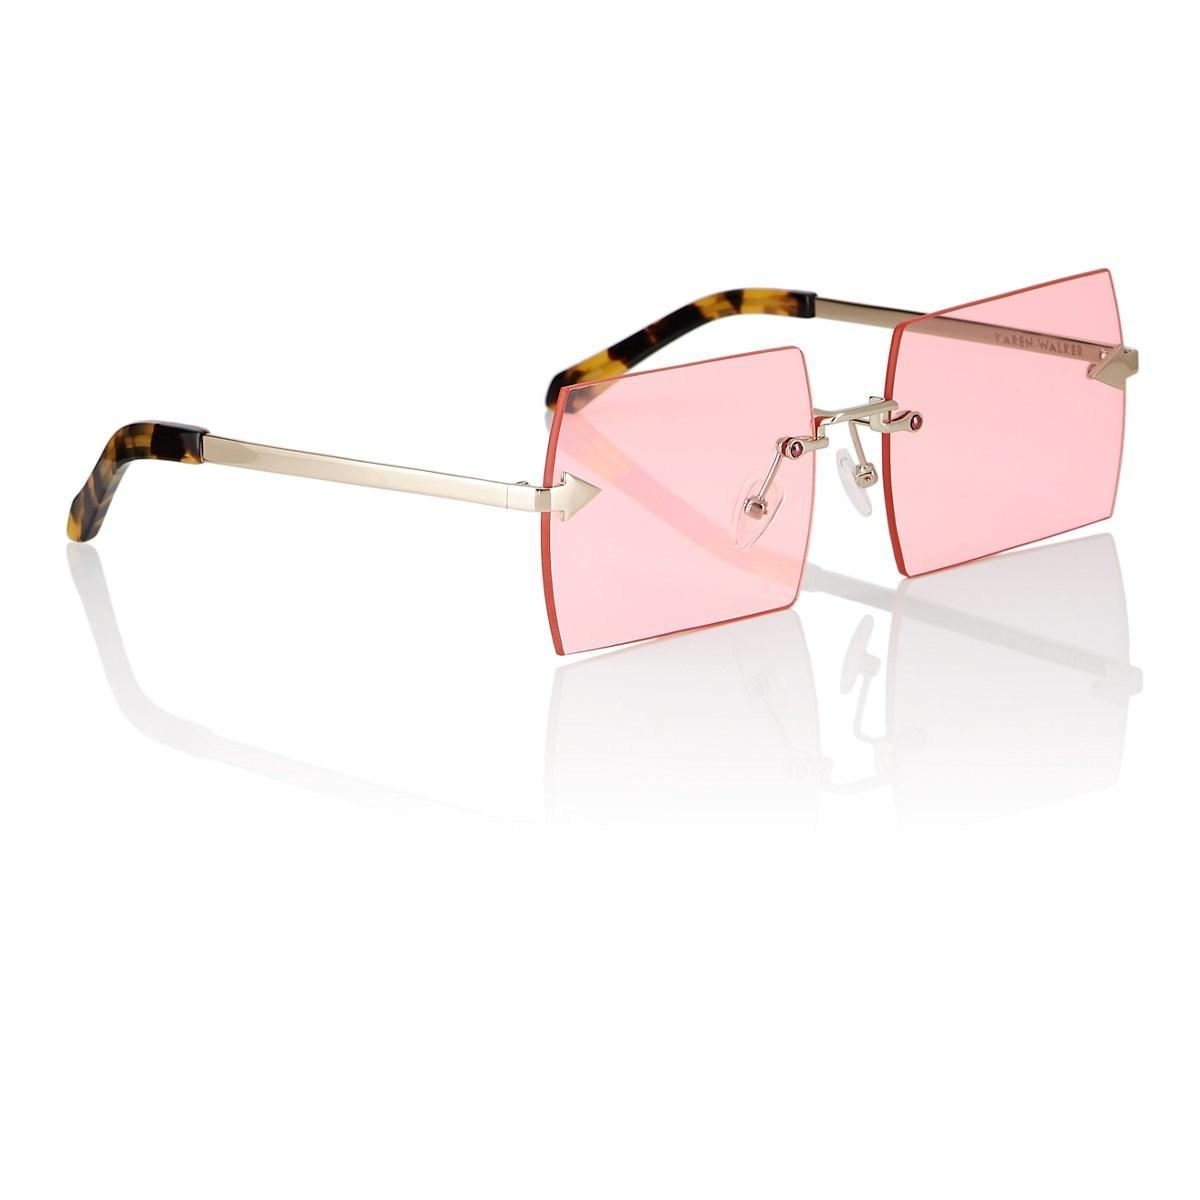 06b6bd0215f Karen Walker - Metallic The Bird Sunglasses - Lyst. View fullscreen